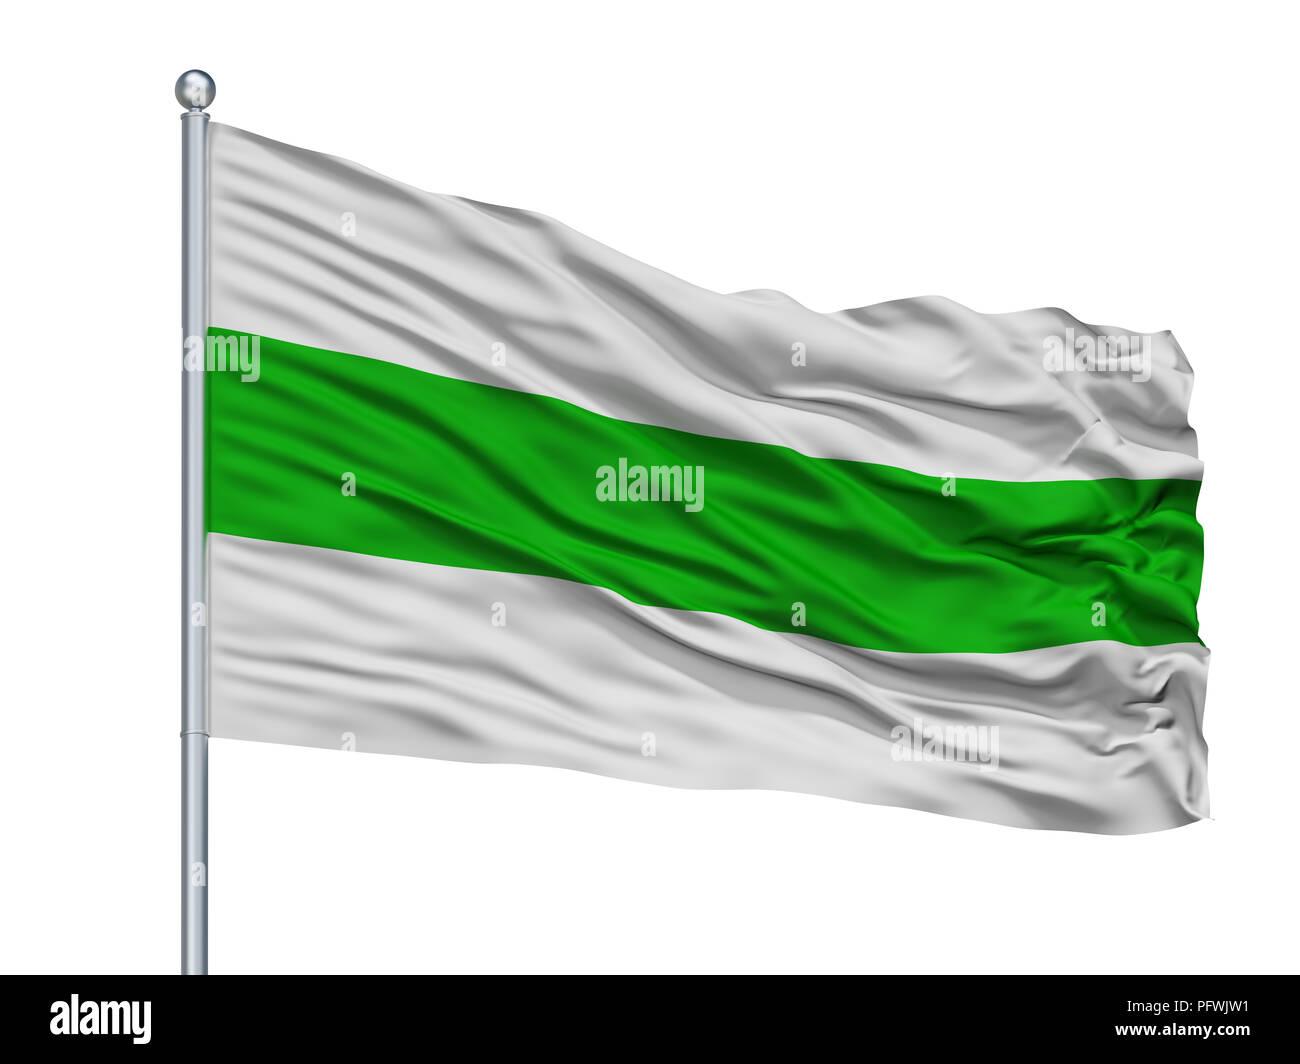 Aguascalientes City Flag On Flagpole, Mexico, Isolated On White Background - Stock Image